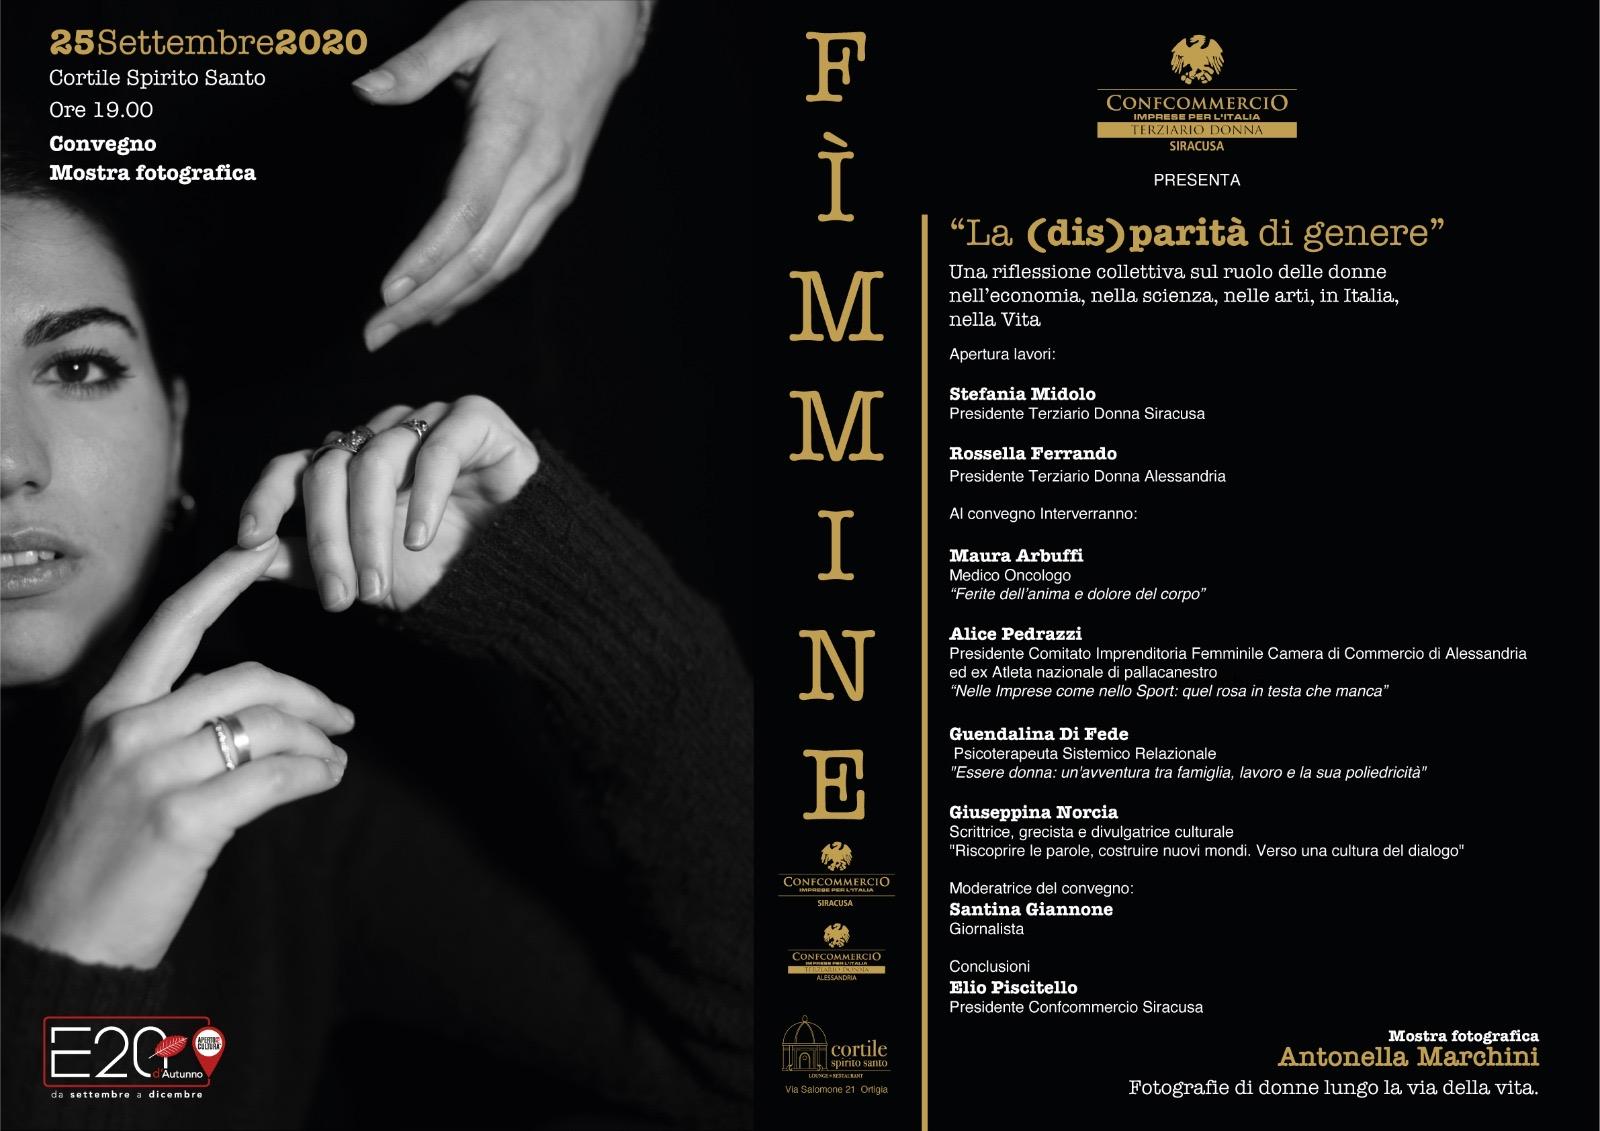 Lettera aperta di Confcommercio e Federazione Pubblici Esercizi al Sindaco di Siracusa Italia